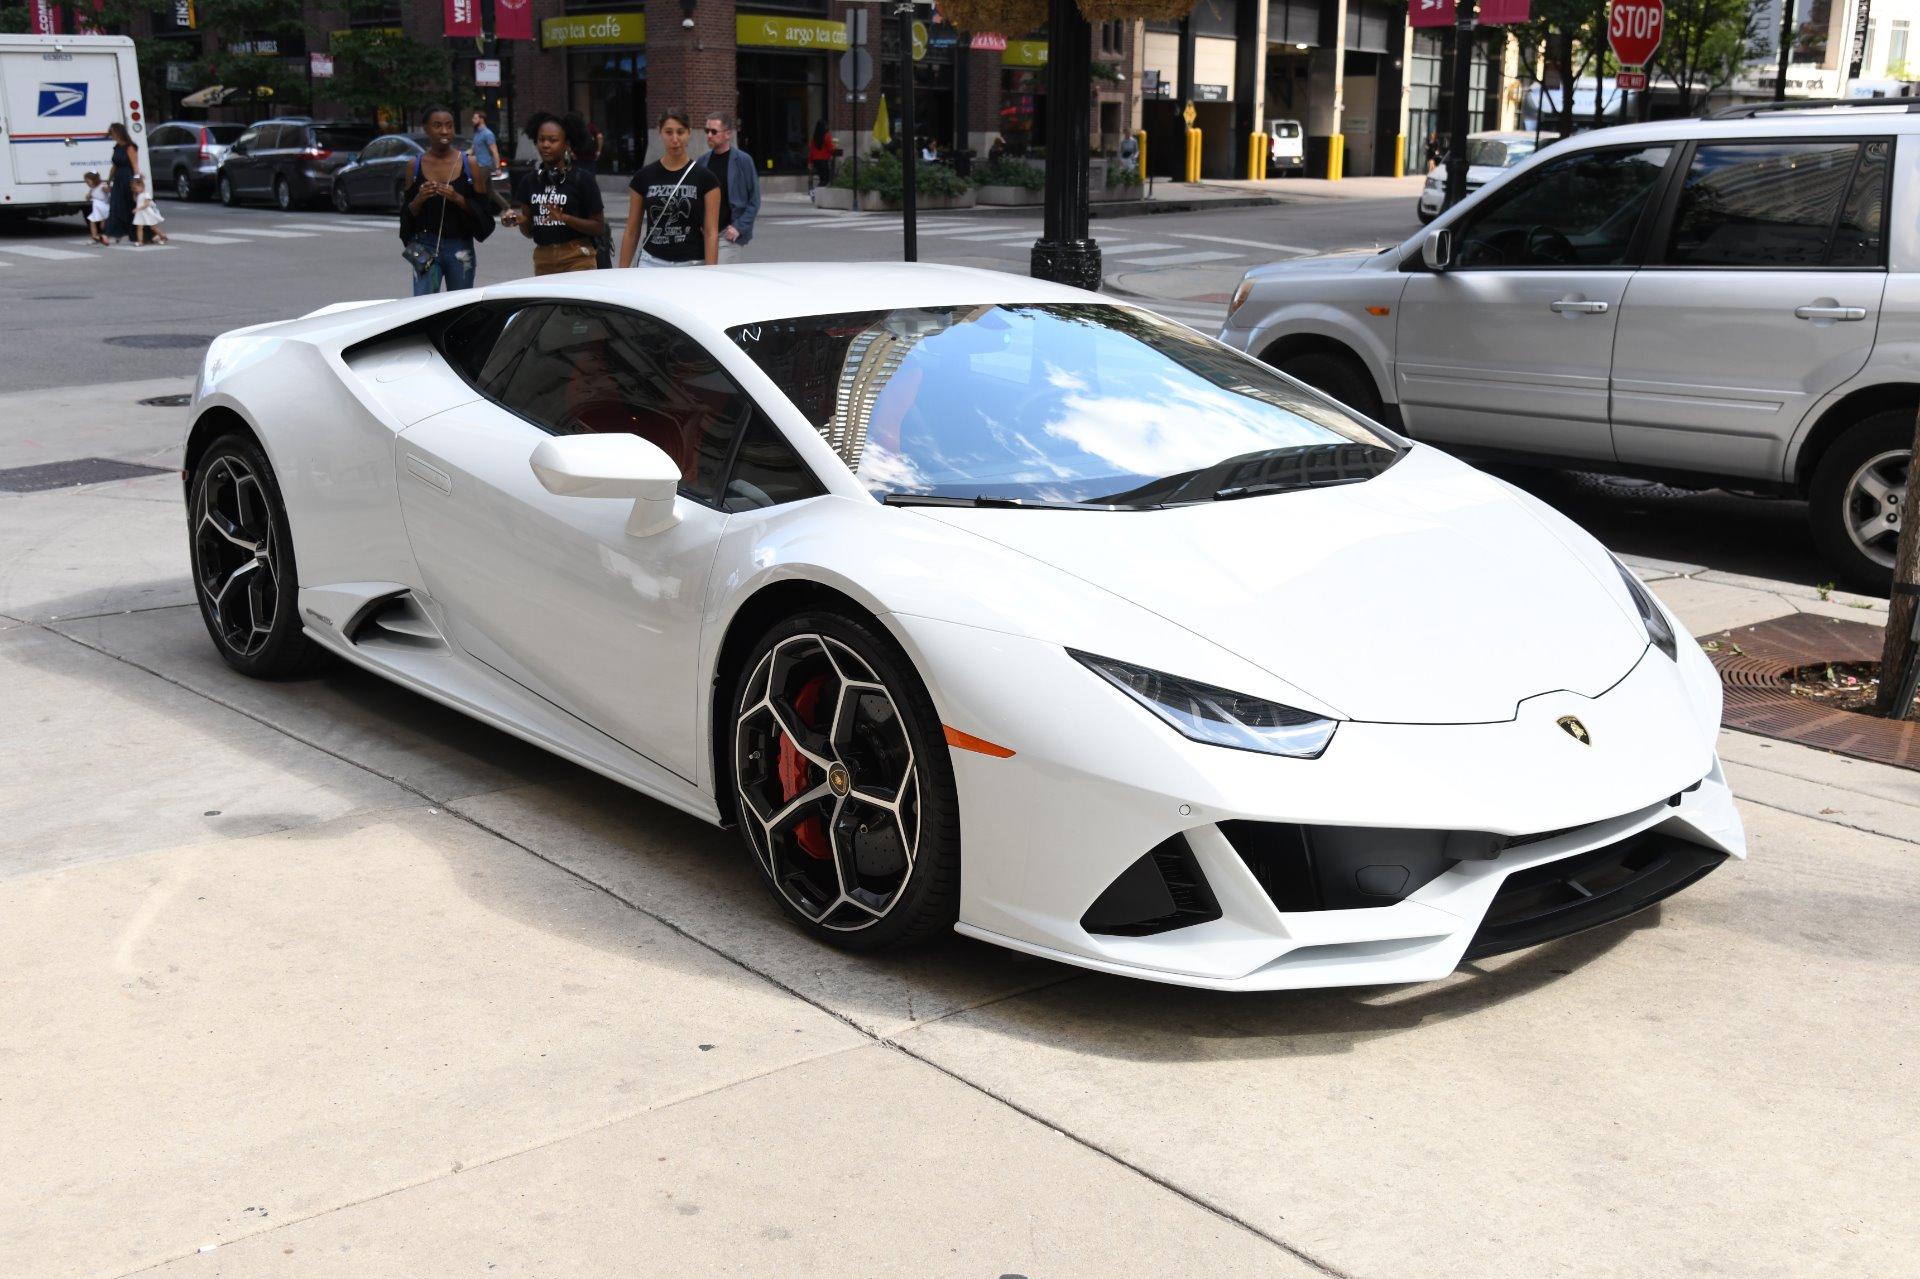 2020 Lamborghini Huracan Evo Lp 640 4 Evo Stock L668 For Sale Near Chicago Il Il Lamborghini Dealer